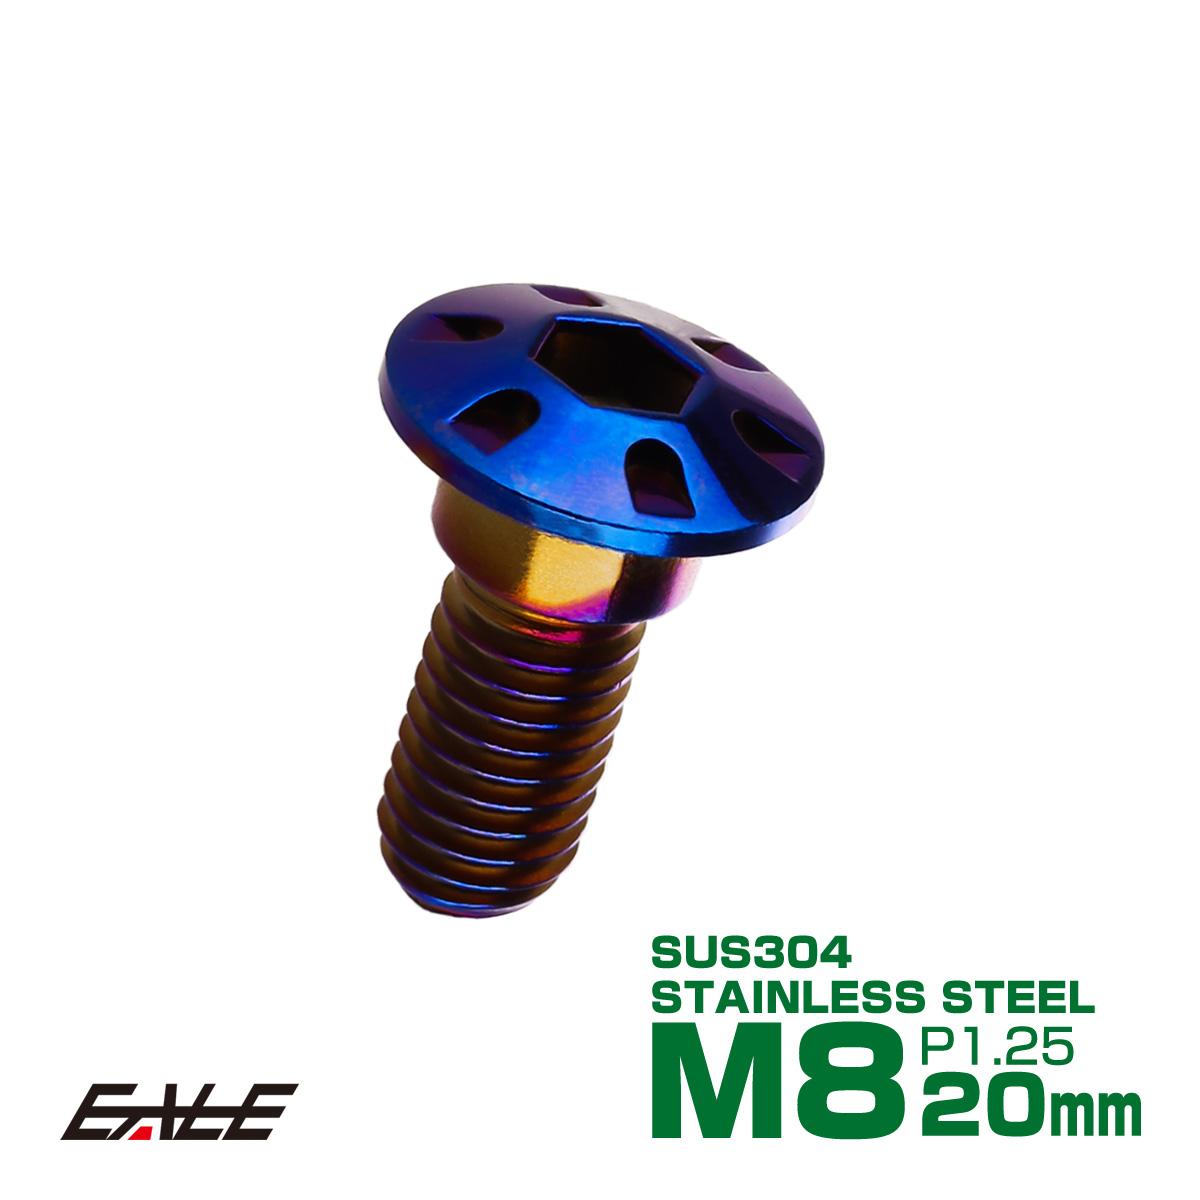 SUSステンレス製 M8×20mm P1.25 ブレーキ ディスク ローター ボルト デザインヘッド ホンダ車用 焼チタン TD0126